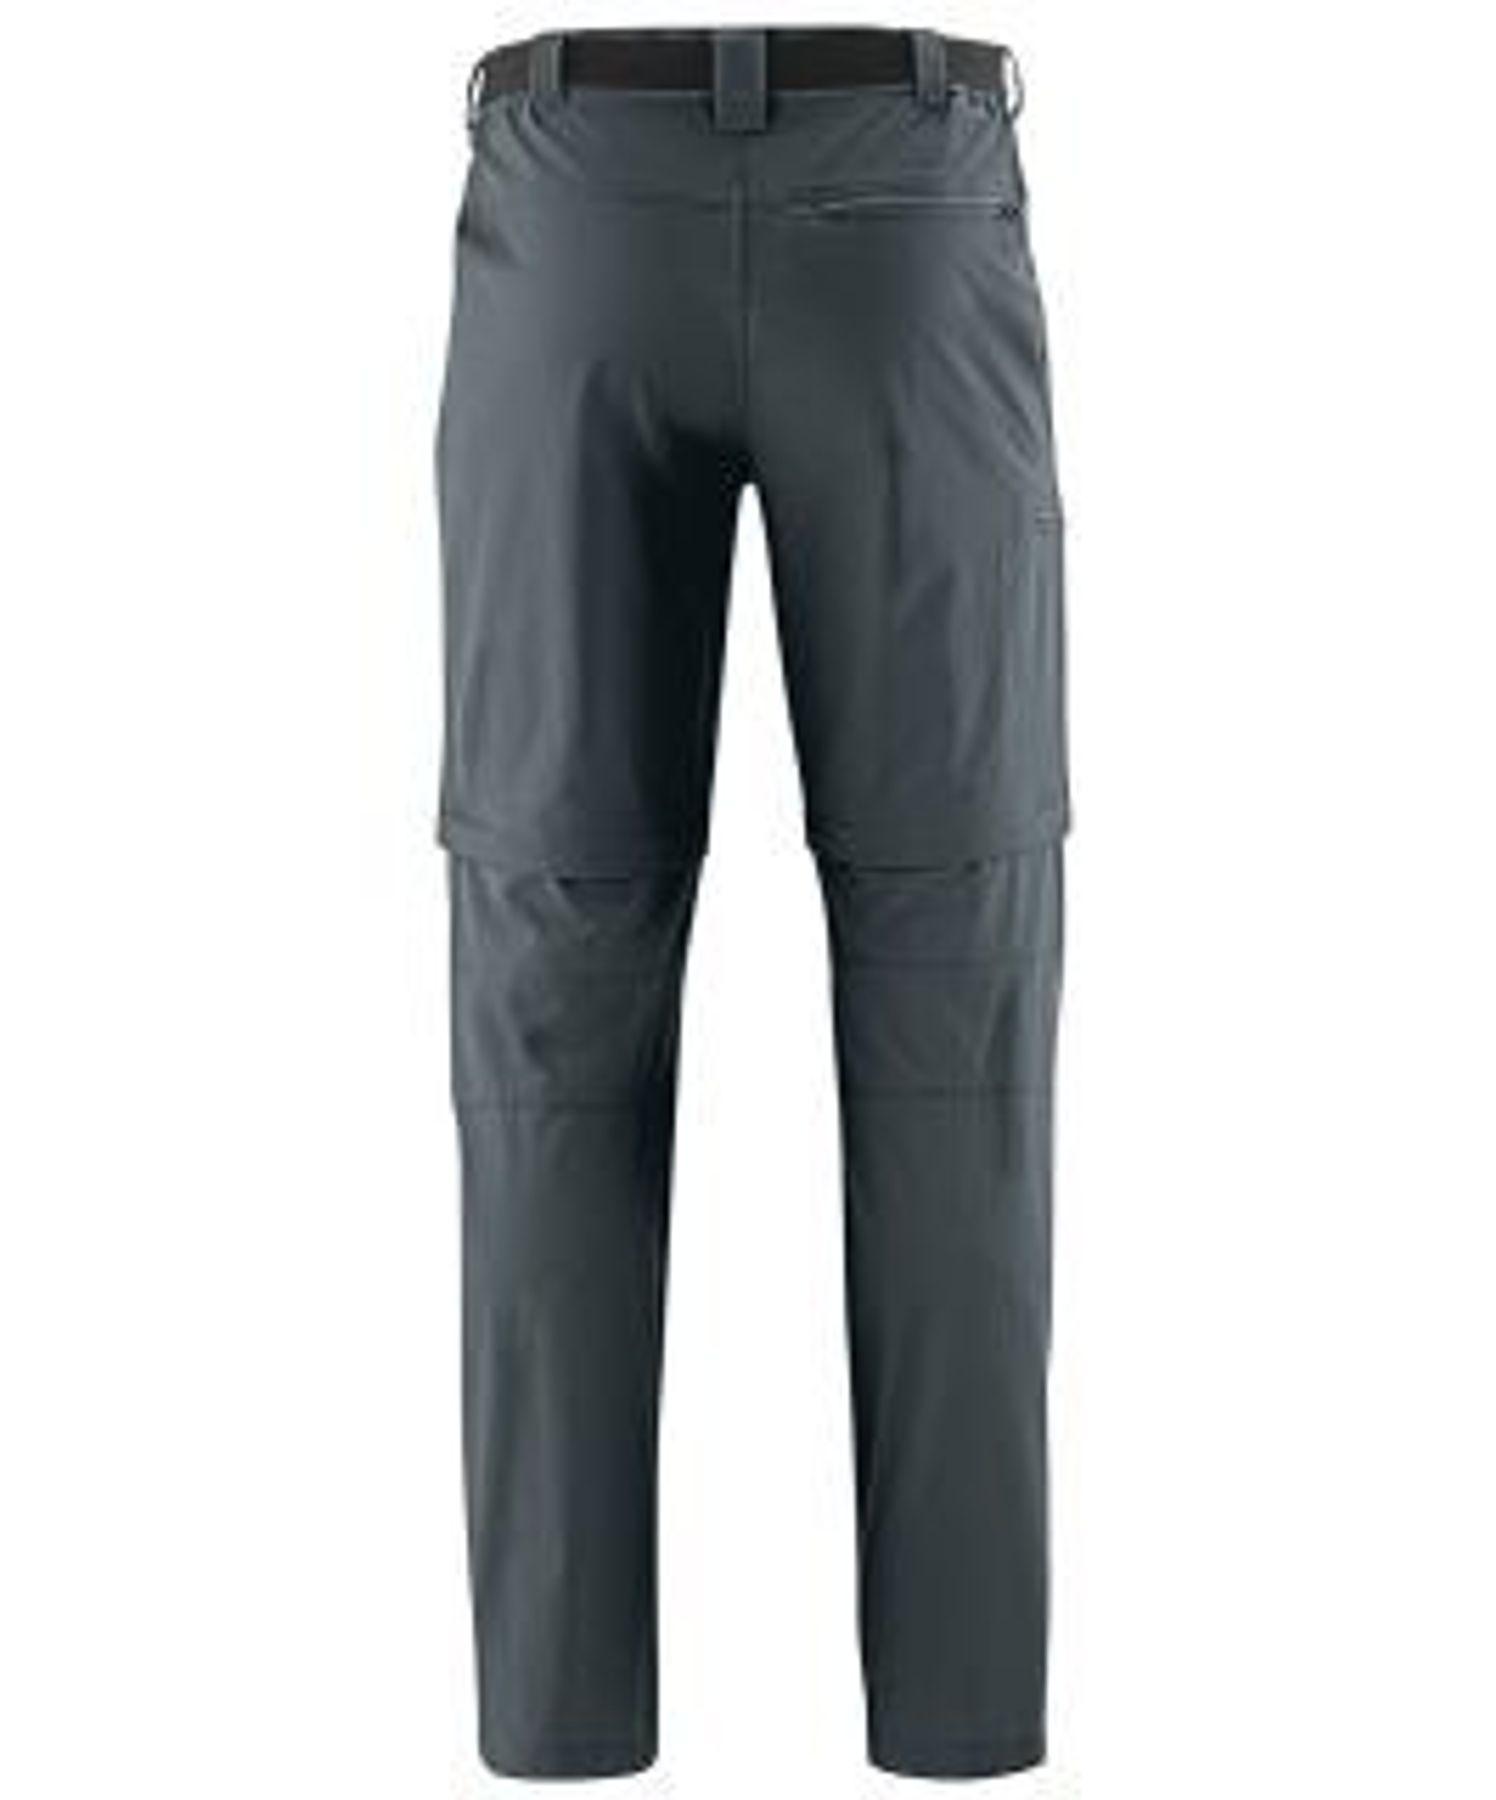 Maier Sports- Herren Outdoor-Trekking und Funktions Hose mit Zipp-off in Black oder Graphit Artikel Tajo 2 (133004) – Bild 7